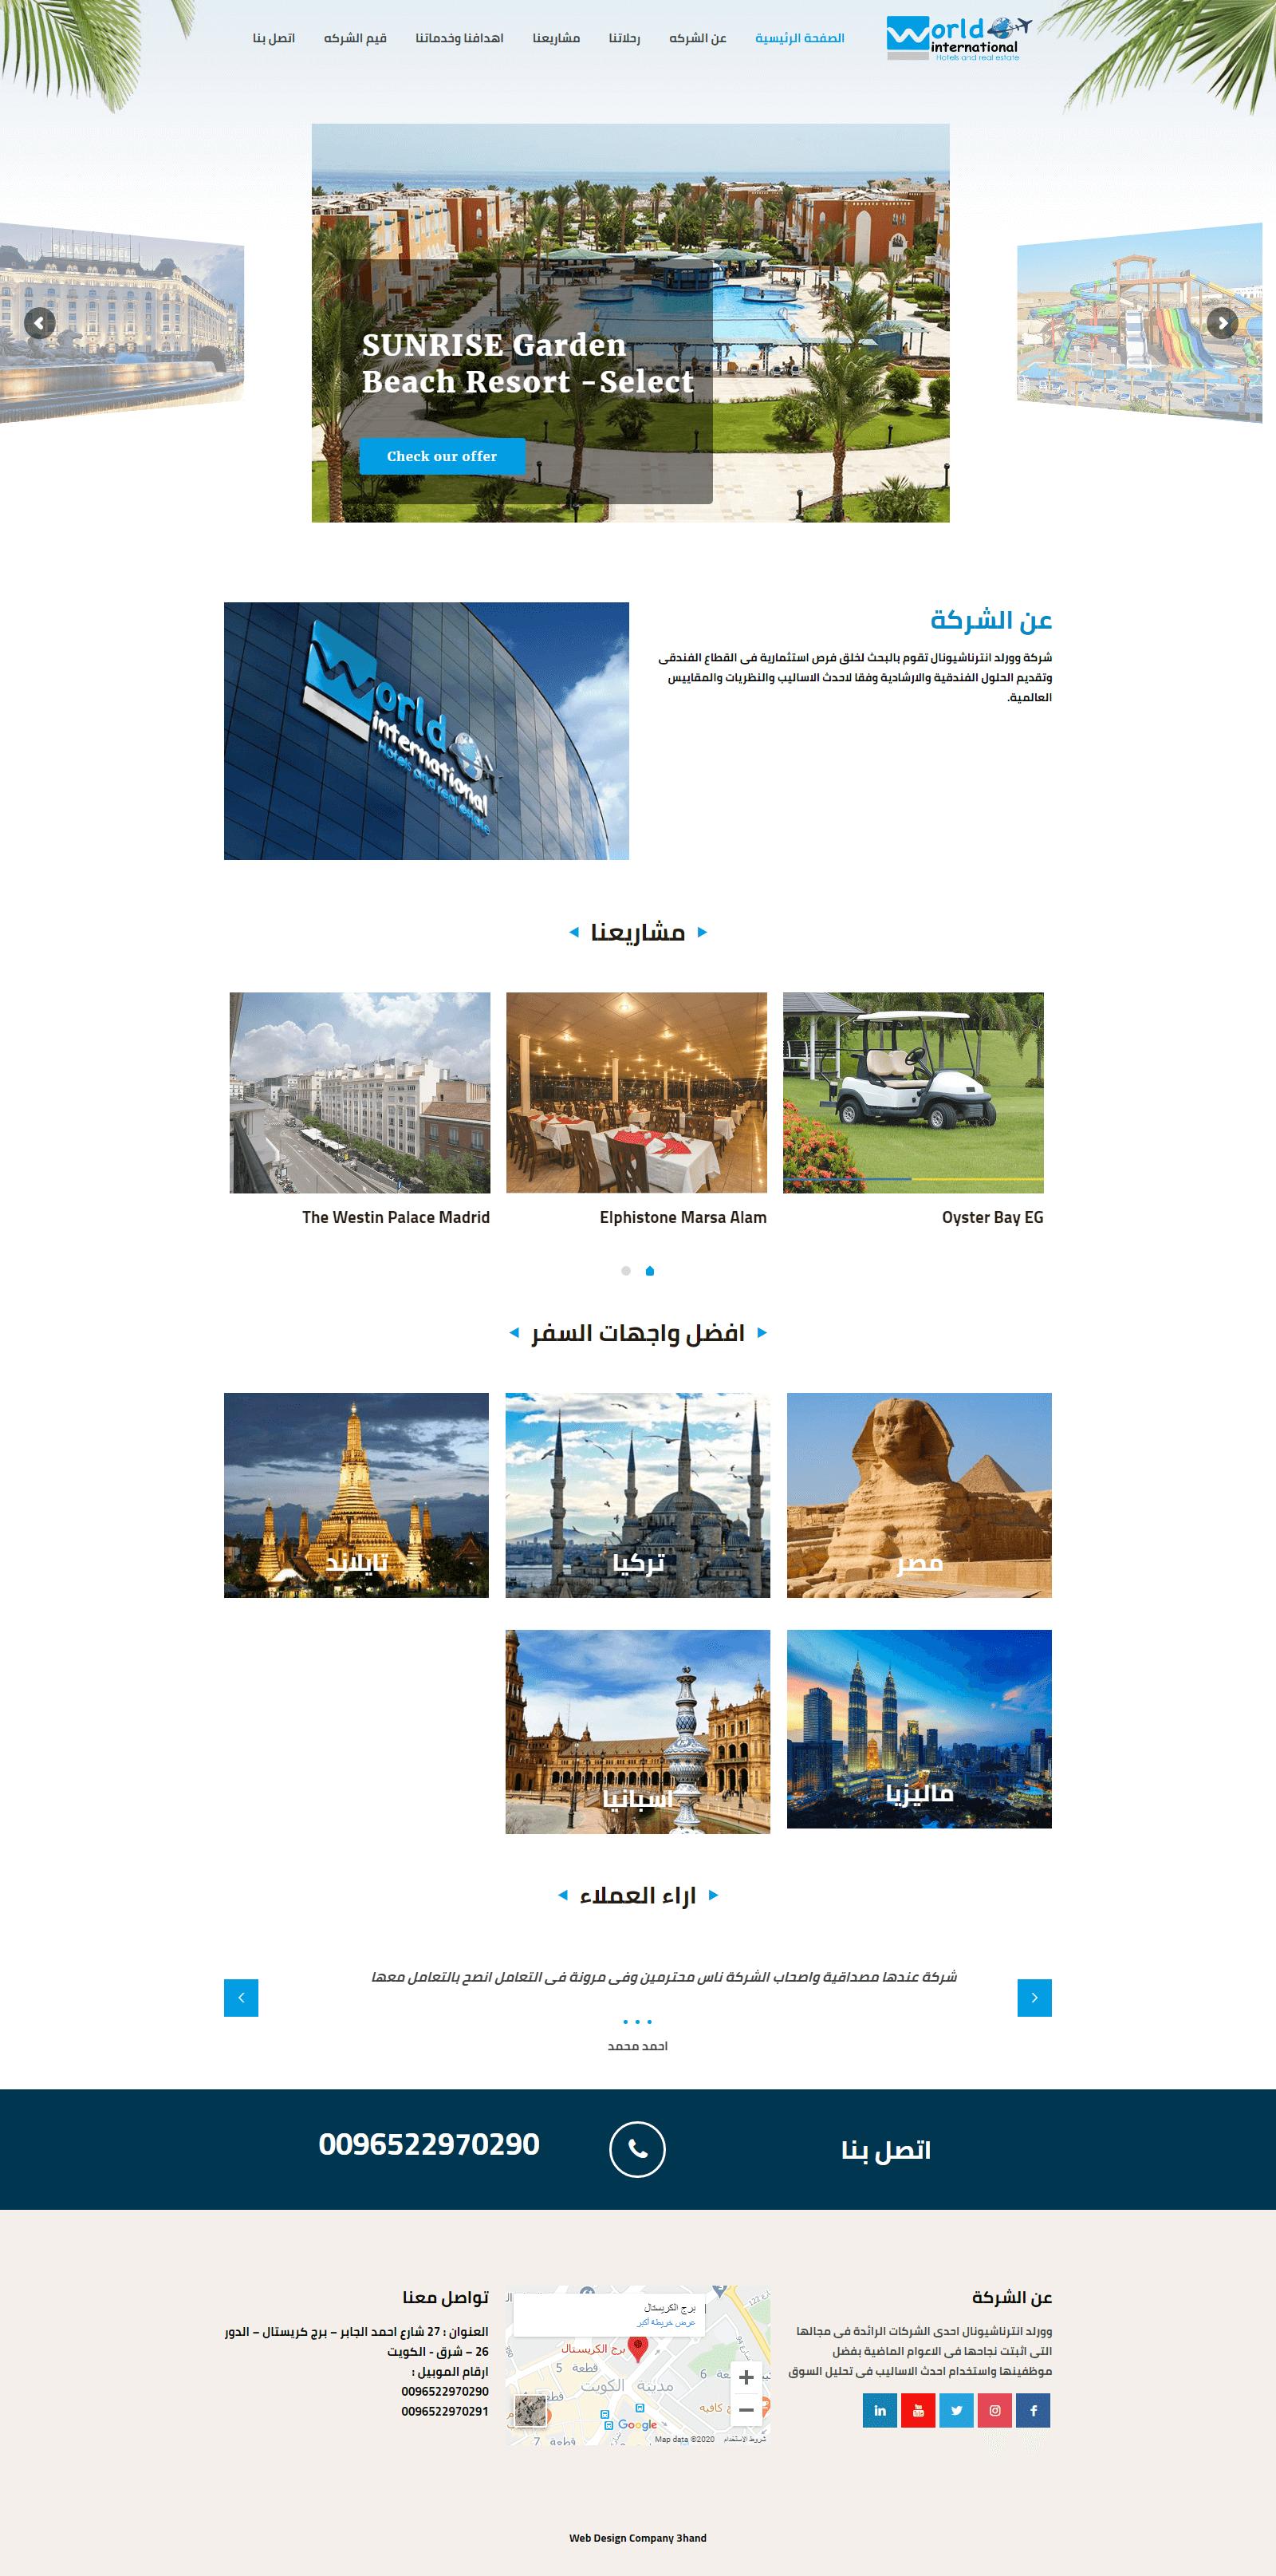 وورلد-انترناشيونال-للسياحة-والسفر-وتنظيم-الرحلات-الصفحة-الرئيسية-2